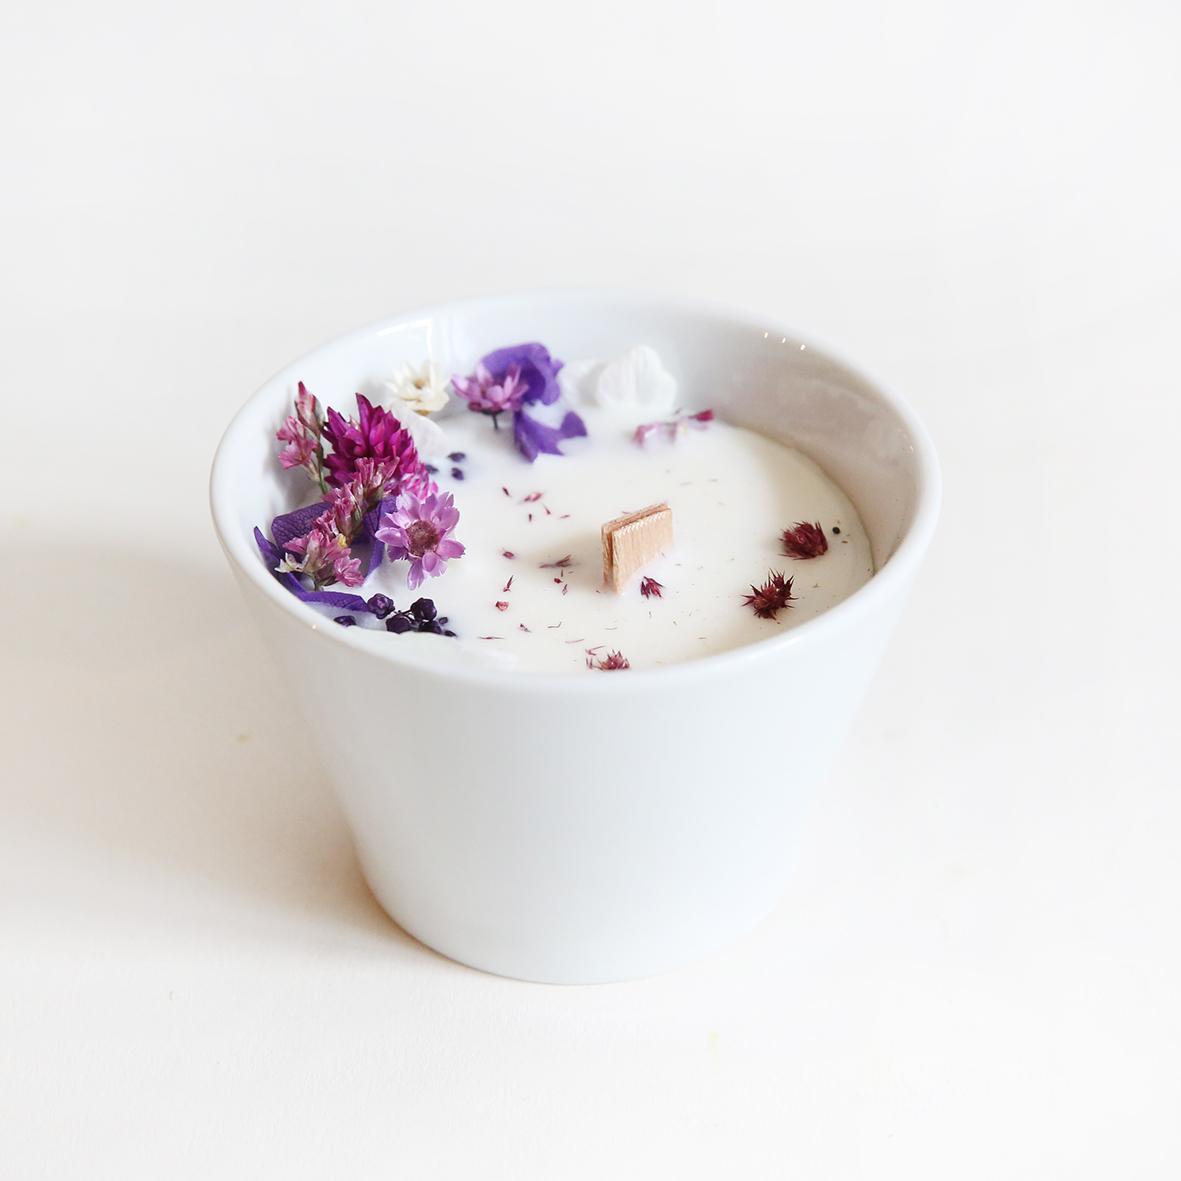 Bougie fleurie cire de soja et fleurs séchées mini violette